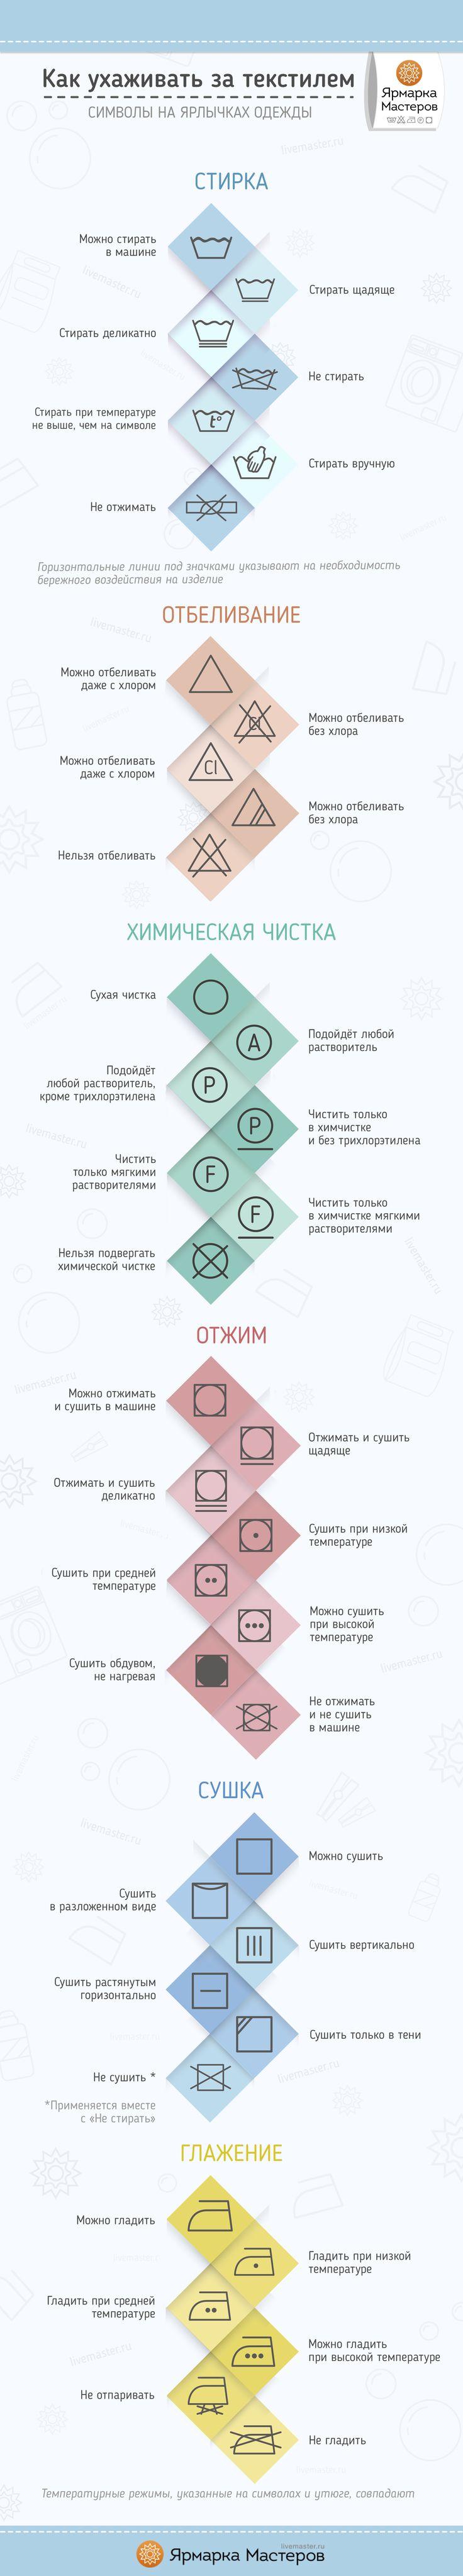 Как читать значки на бирках одежды: полезная инфографика от Ярмарки Мастеров - Ярмарка Мастеров - ручная работа, handmade